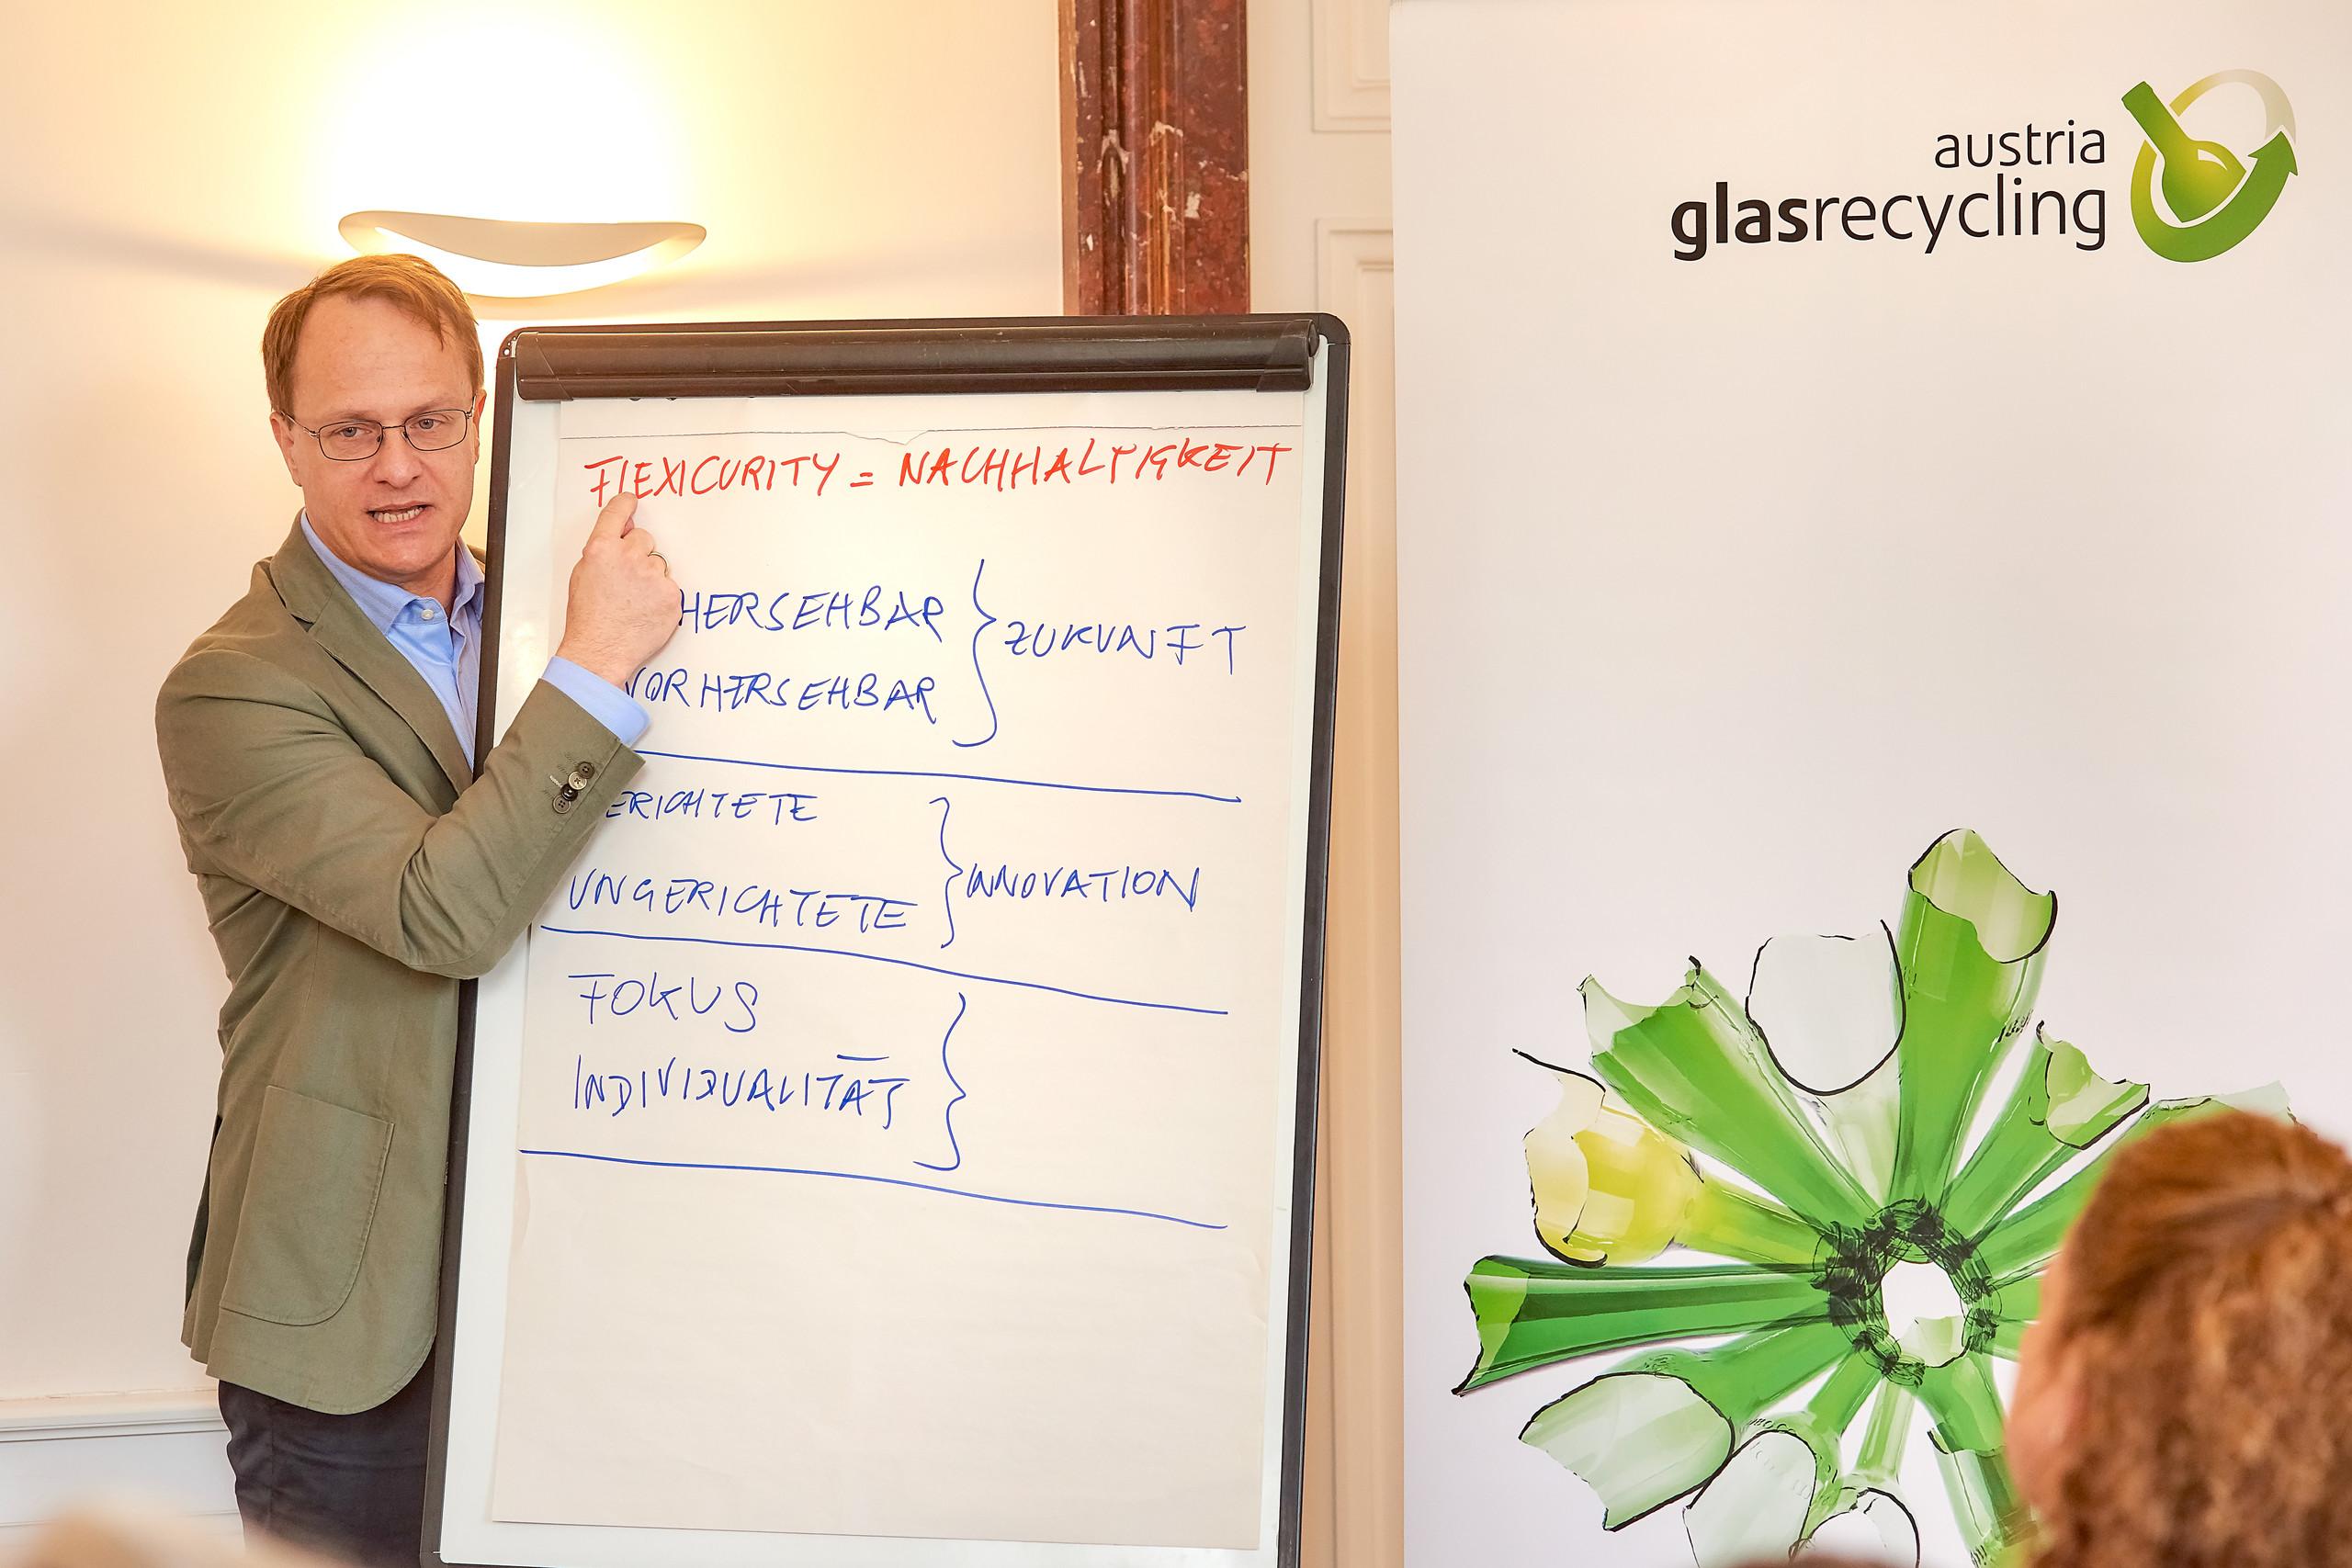 der Genetiker Markus Hengstschläger plädiert für FlexiCurity in Unternehmen